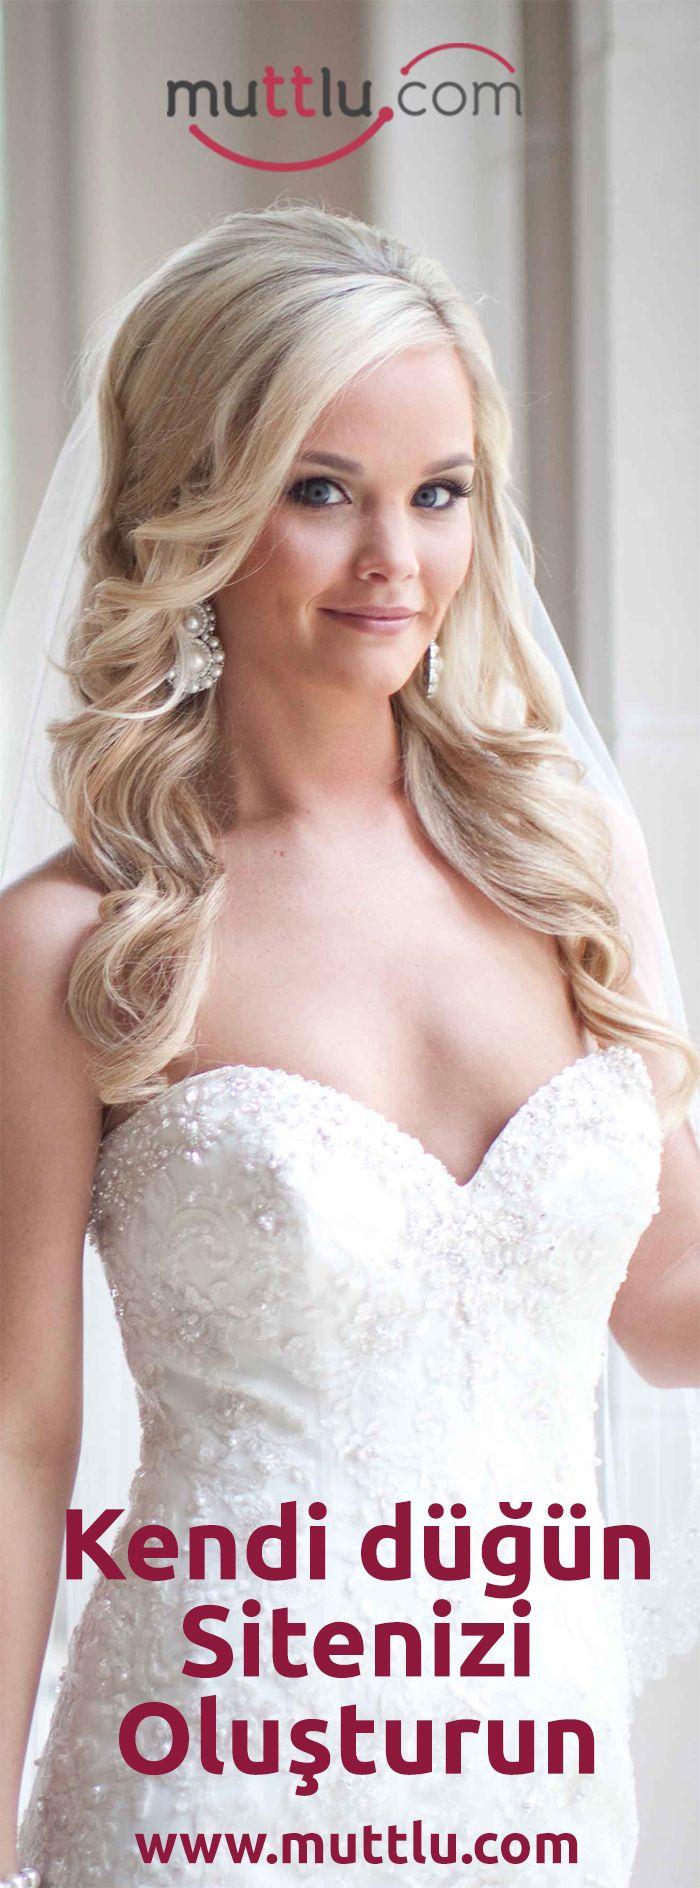 #gelinlik, #düğün, #gelinlik #modelleri, #evlilik, #düğün sitesi, #muttlu, #mutlu